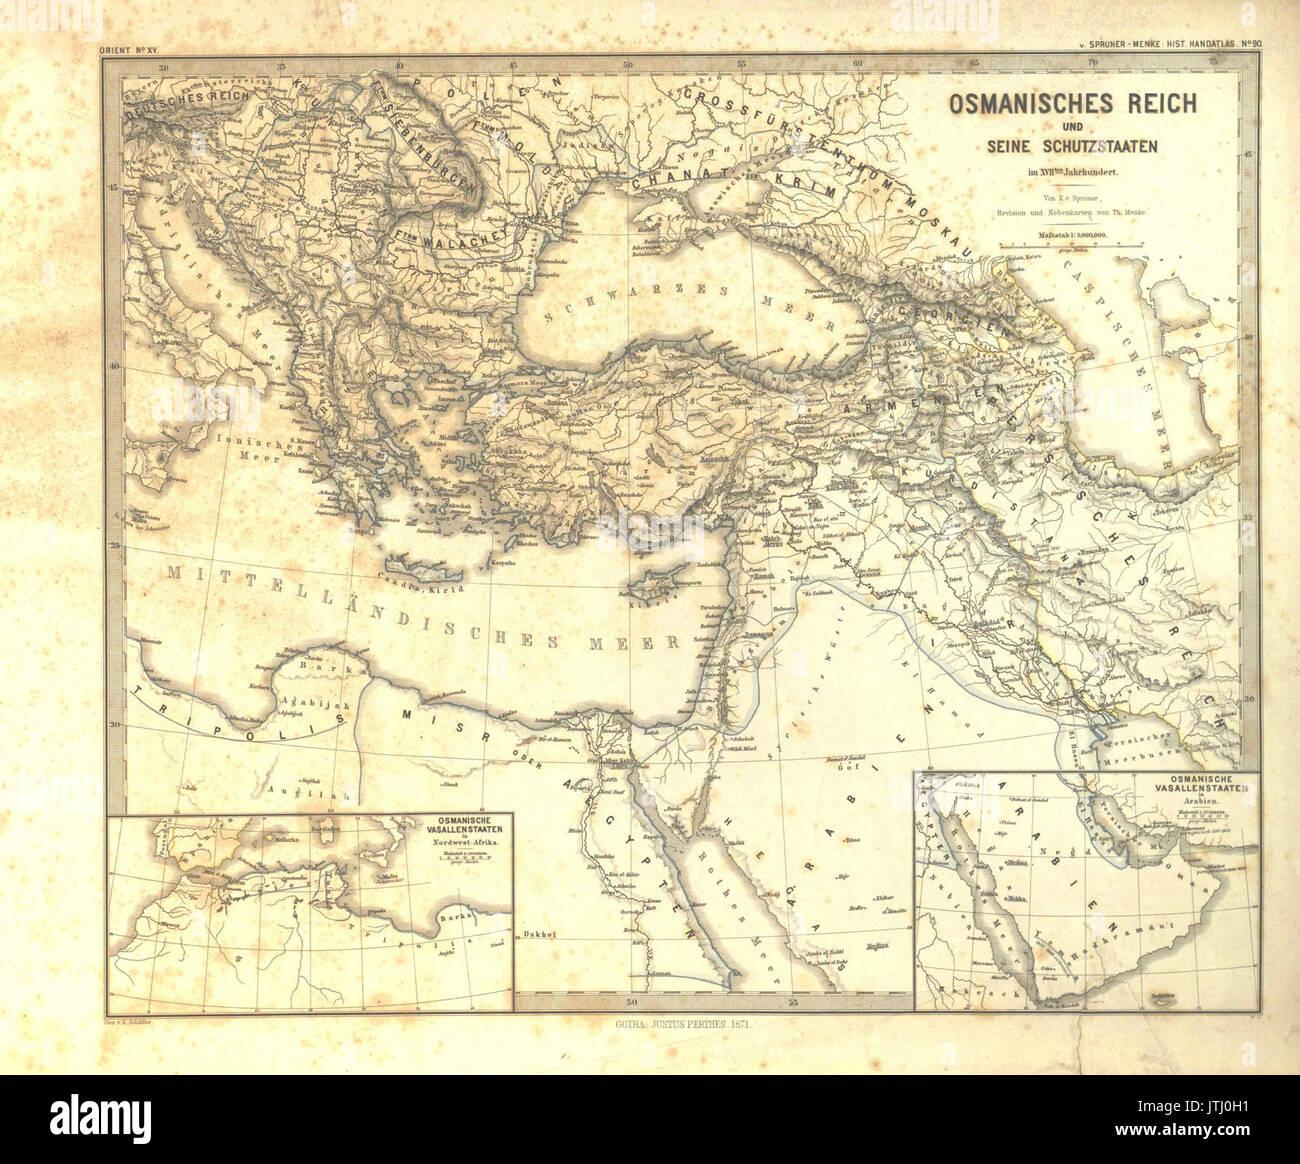 Got Karte.Spruner Menke Handatlas 1880 Karte 90 Stock Photo 152830301 Alamy